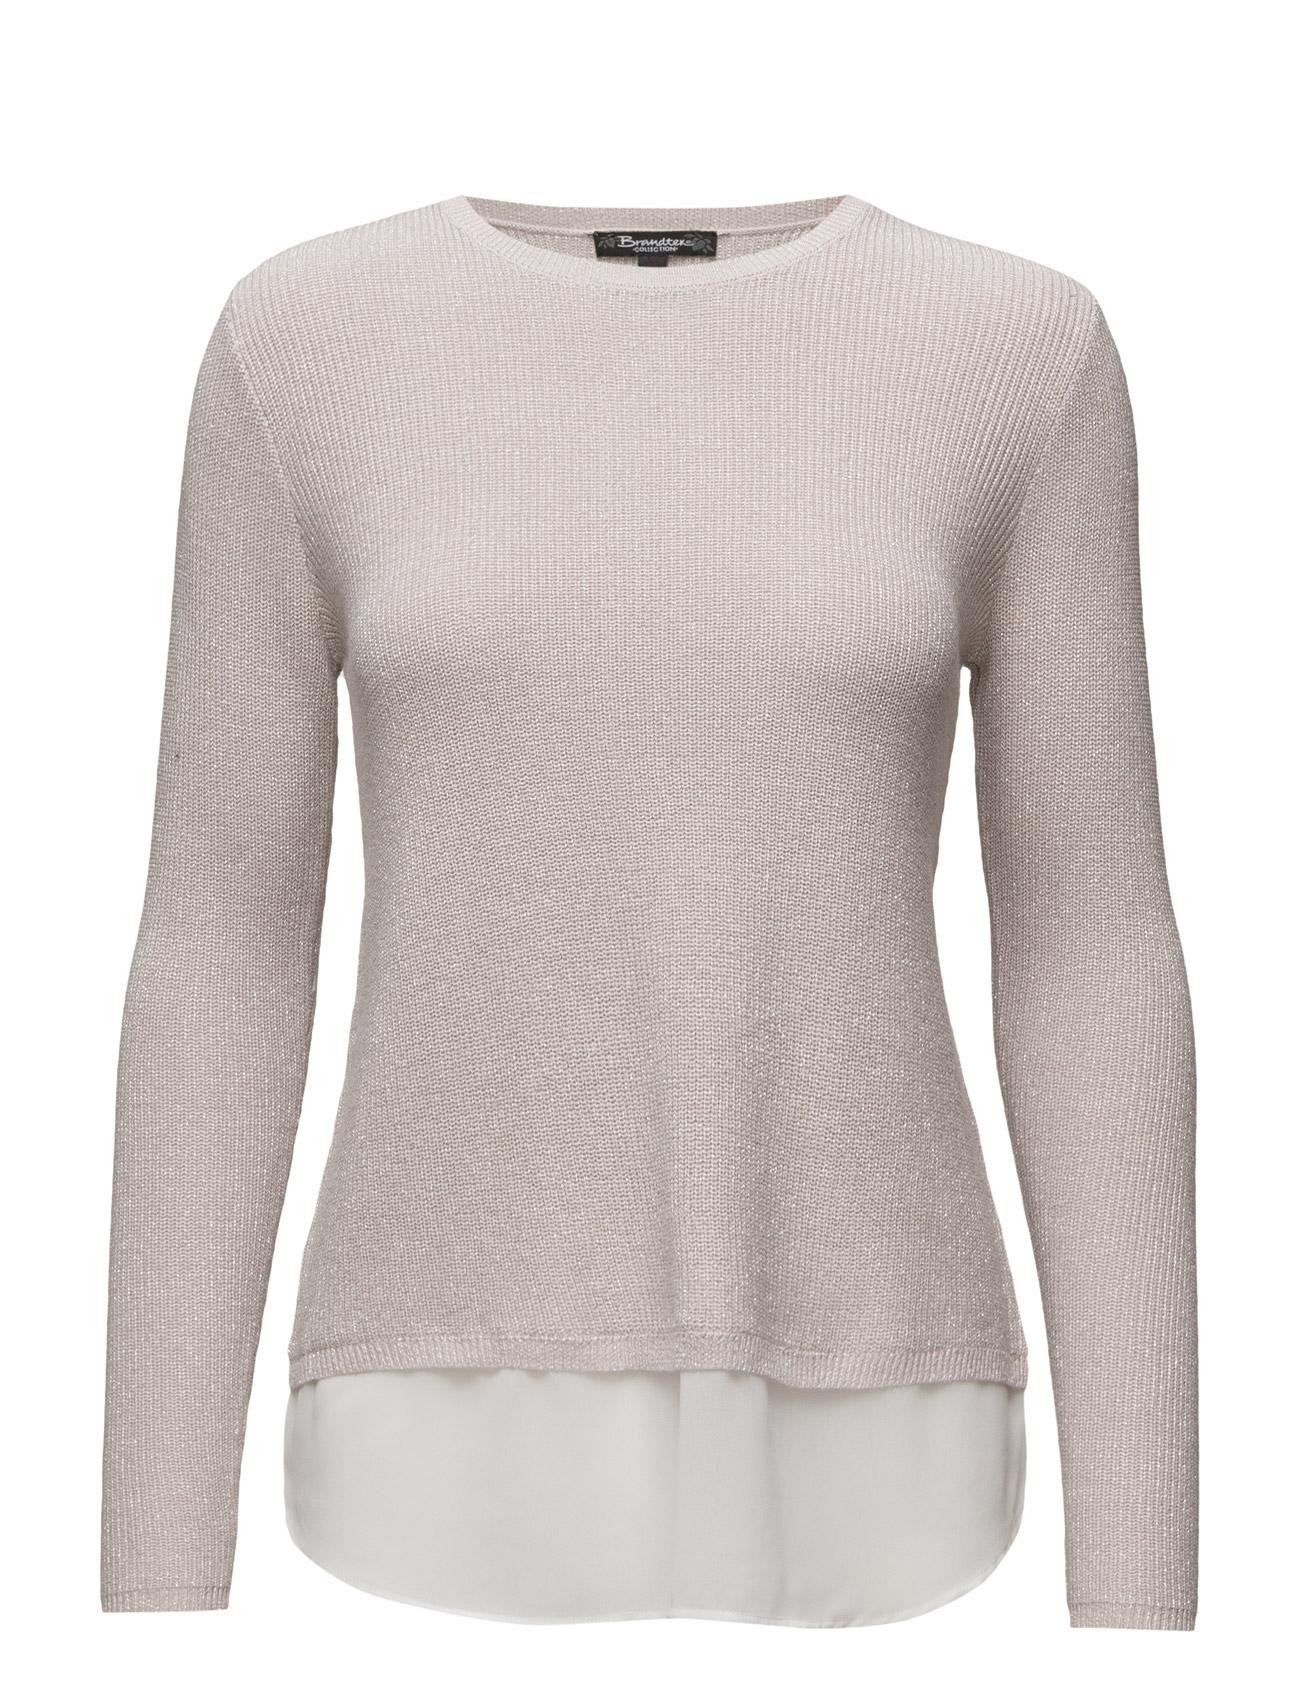 Pullover Brandtex Sweatshirts til Kvinder i